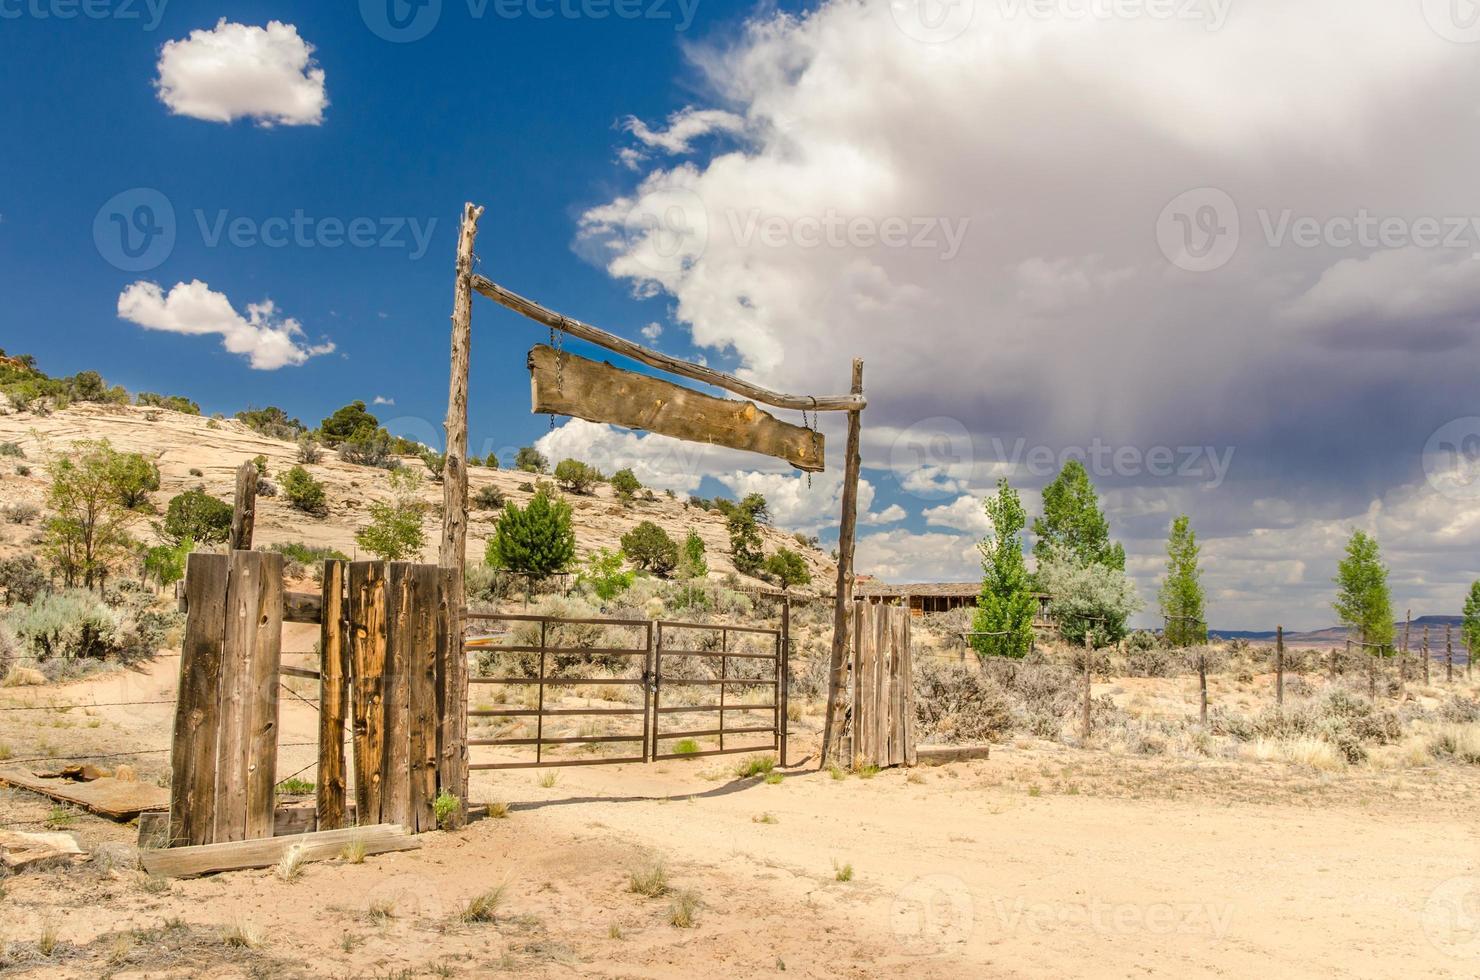 ranch di ingresso con avvicinamento nuvole temporalesche foto